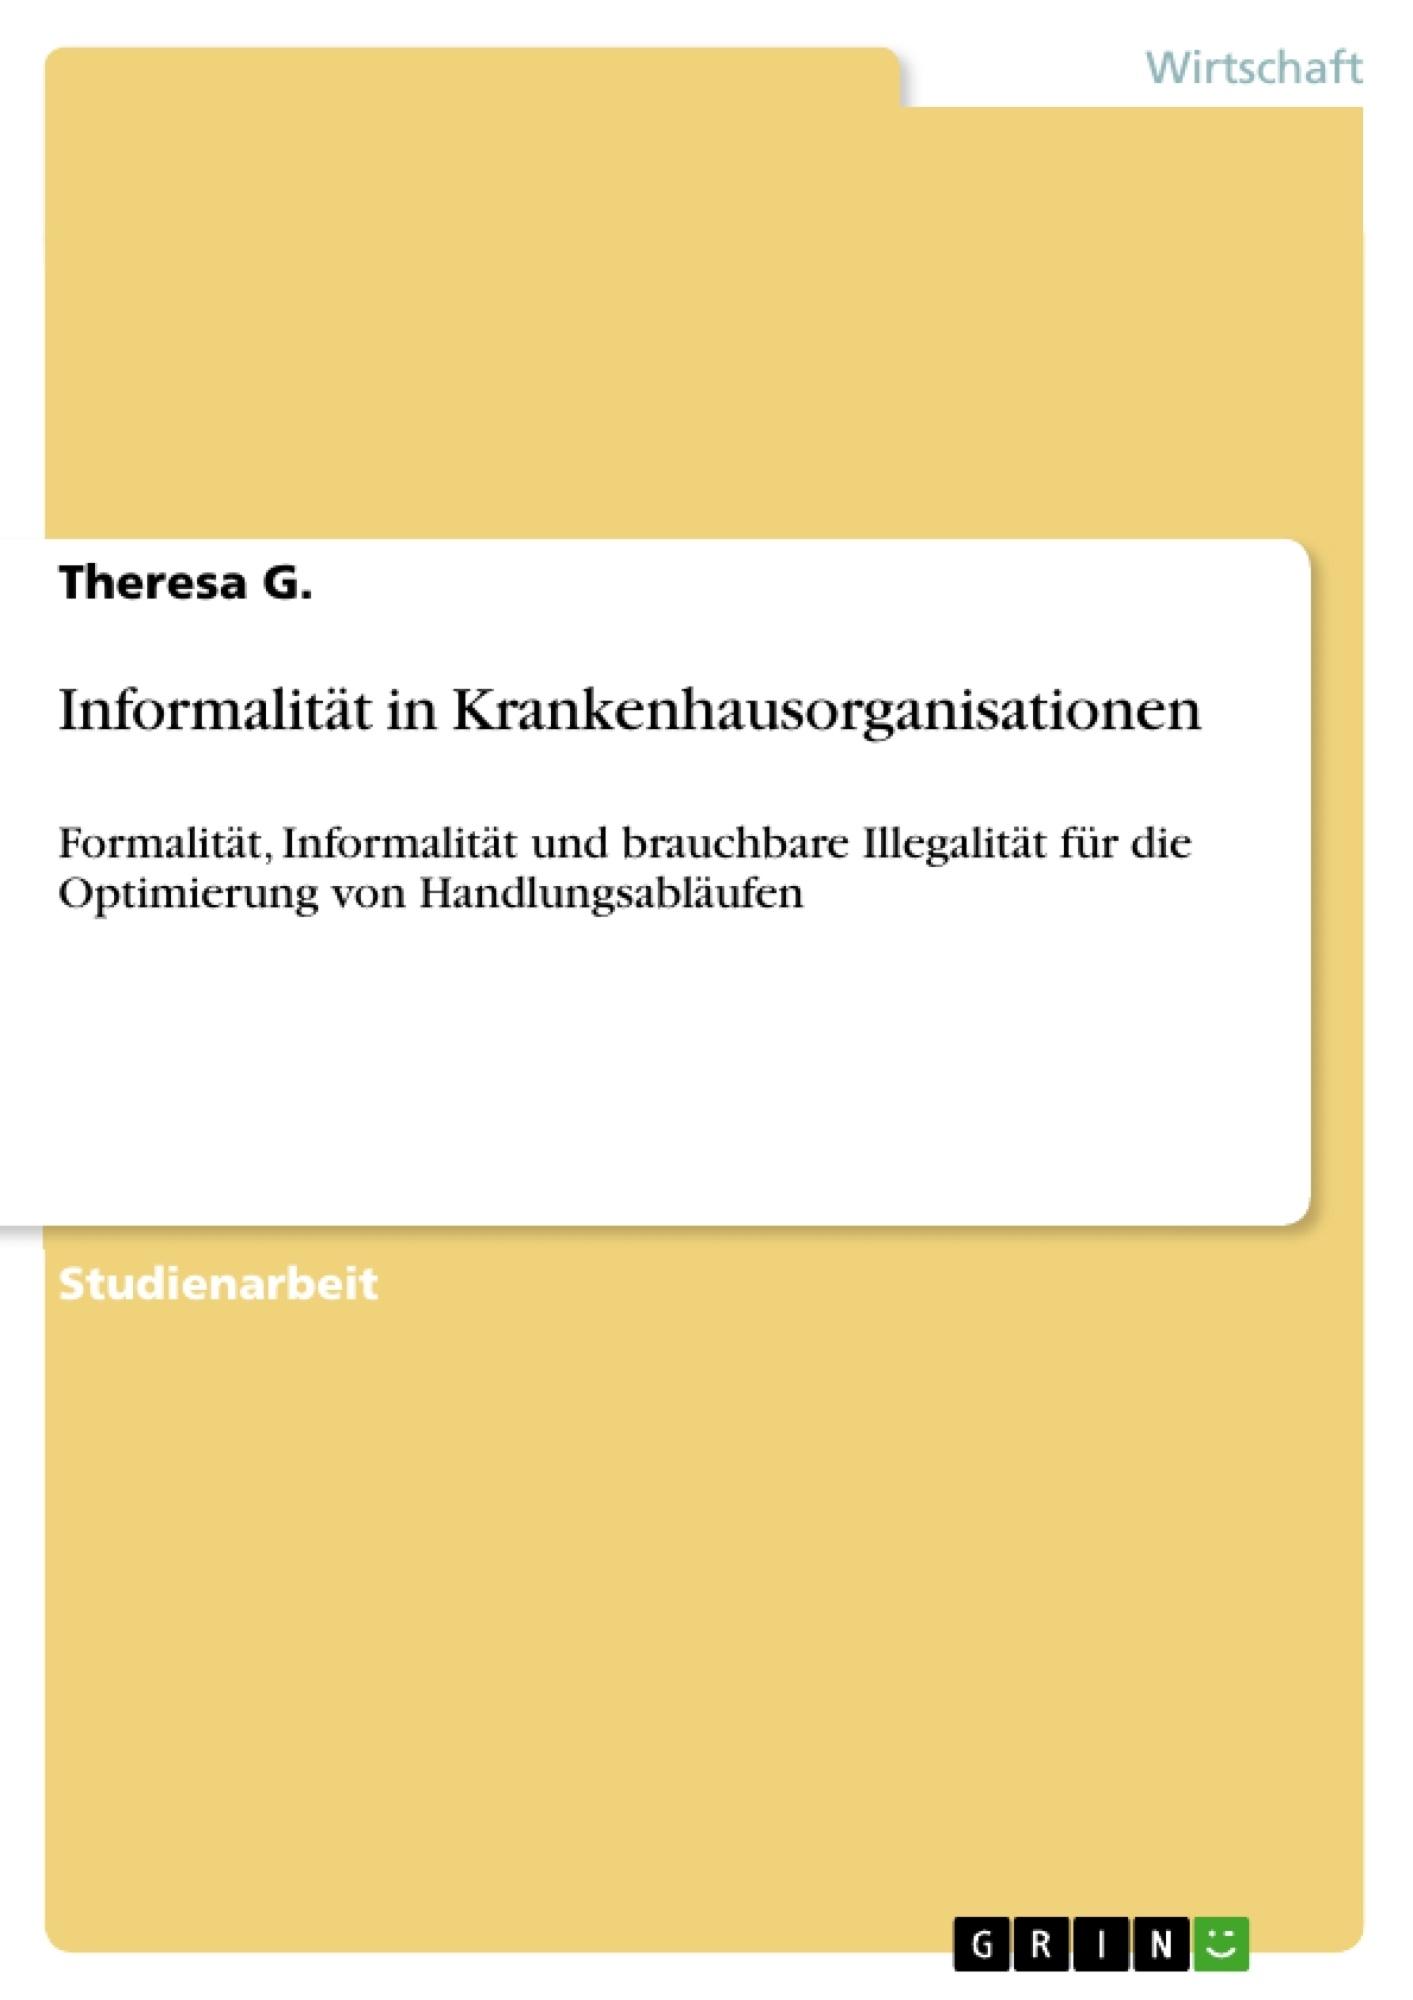 Titel: Informalität in Krankenhausorganisationen